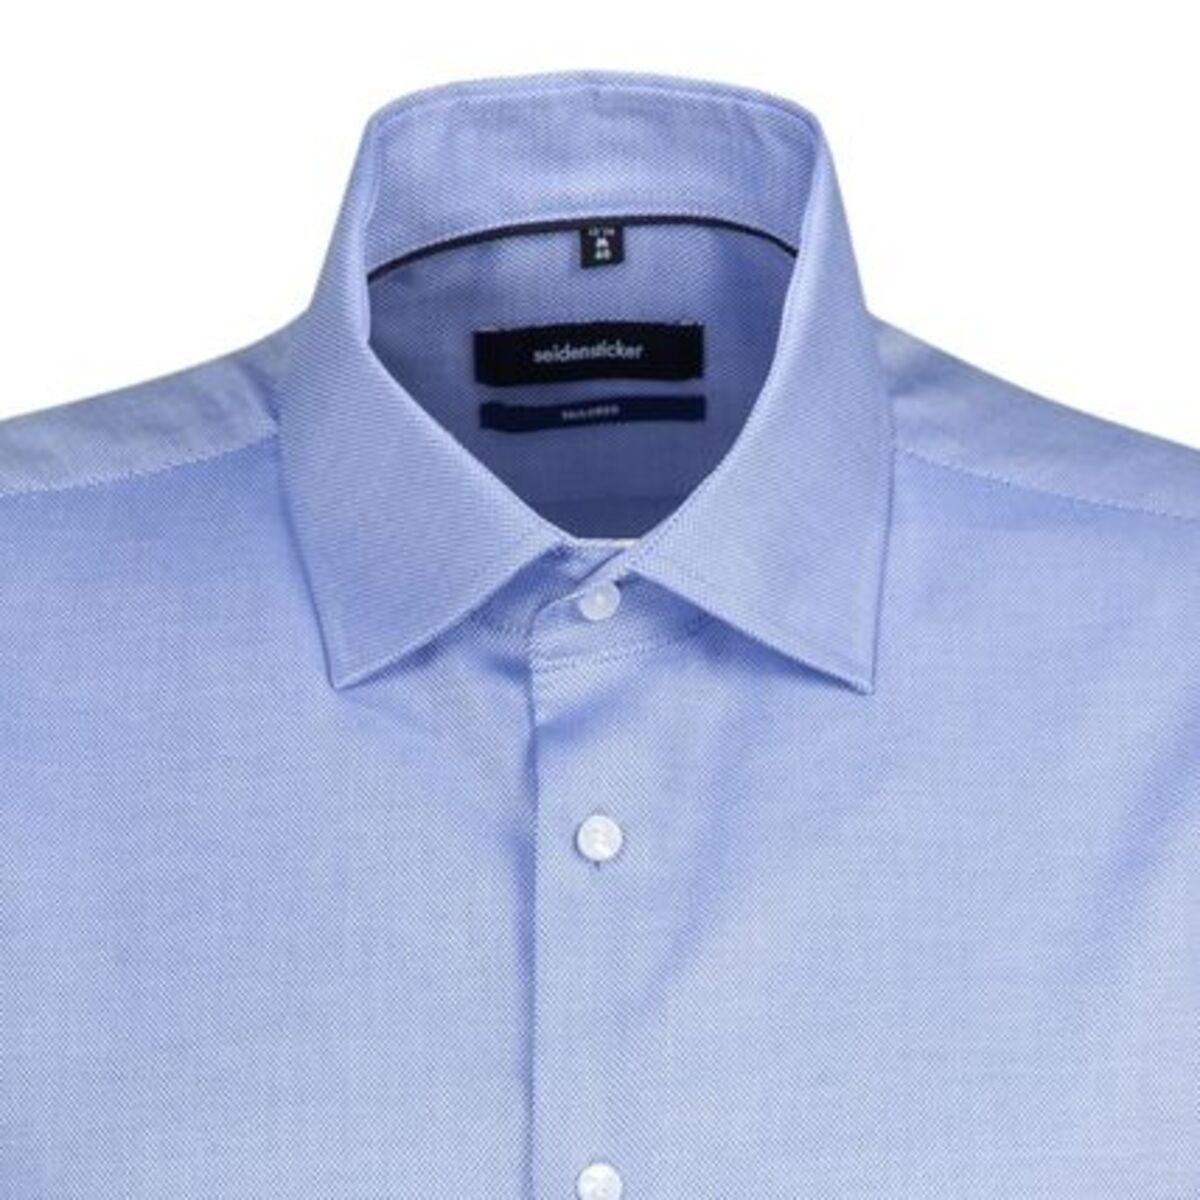 Bild 2 von Seidensticker Business Hemd Tailored Kurzarm Kentkragen Uni, mittelblau